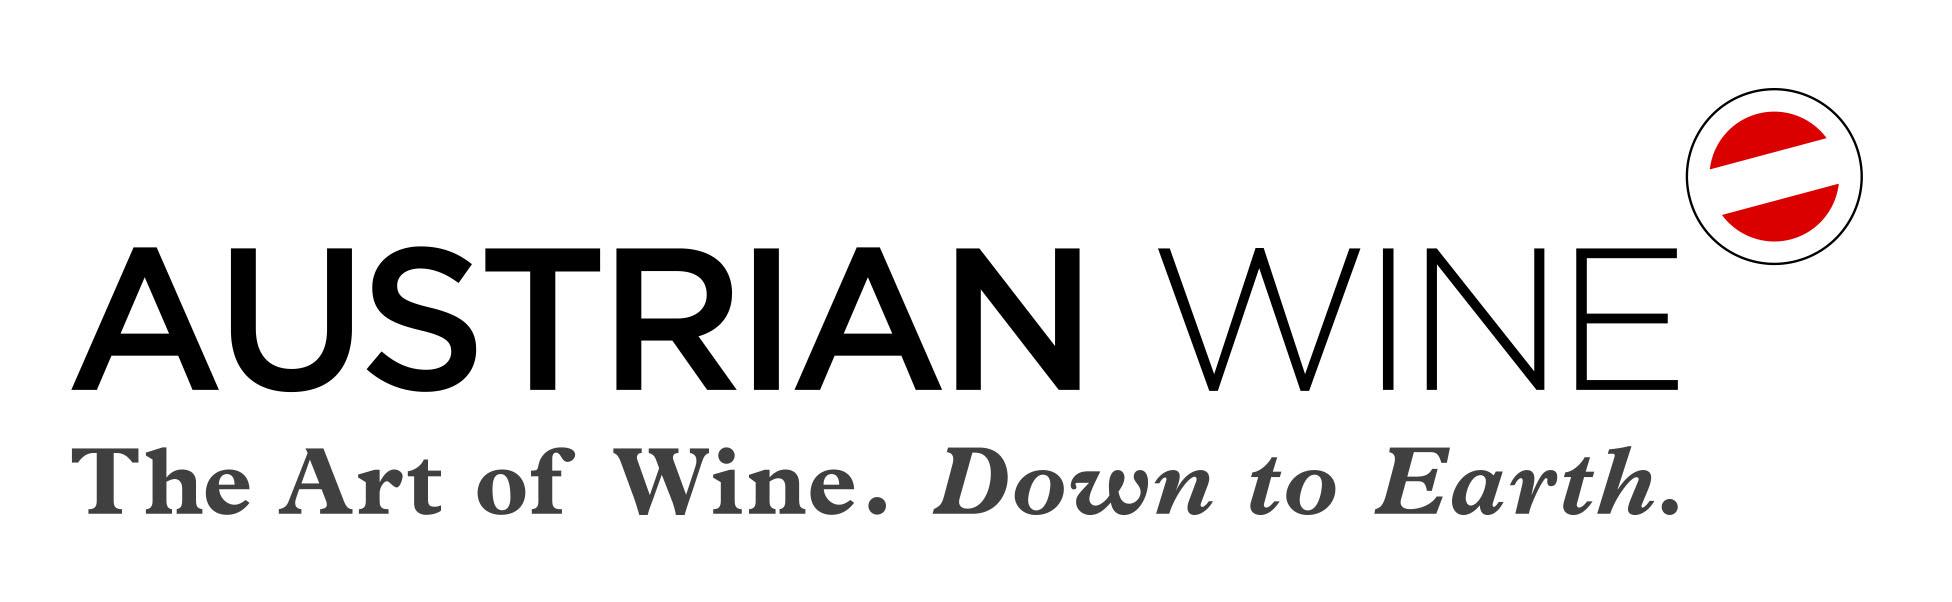 Austrian Wine Marketing Board